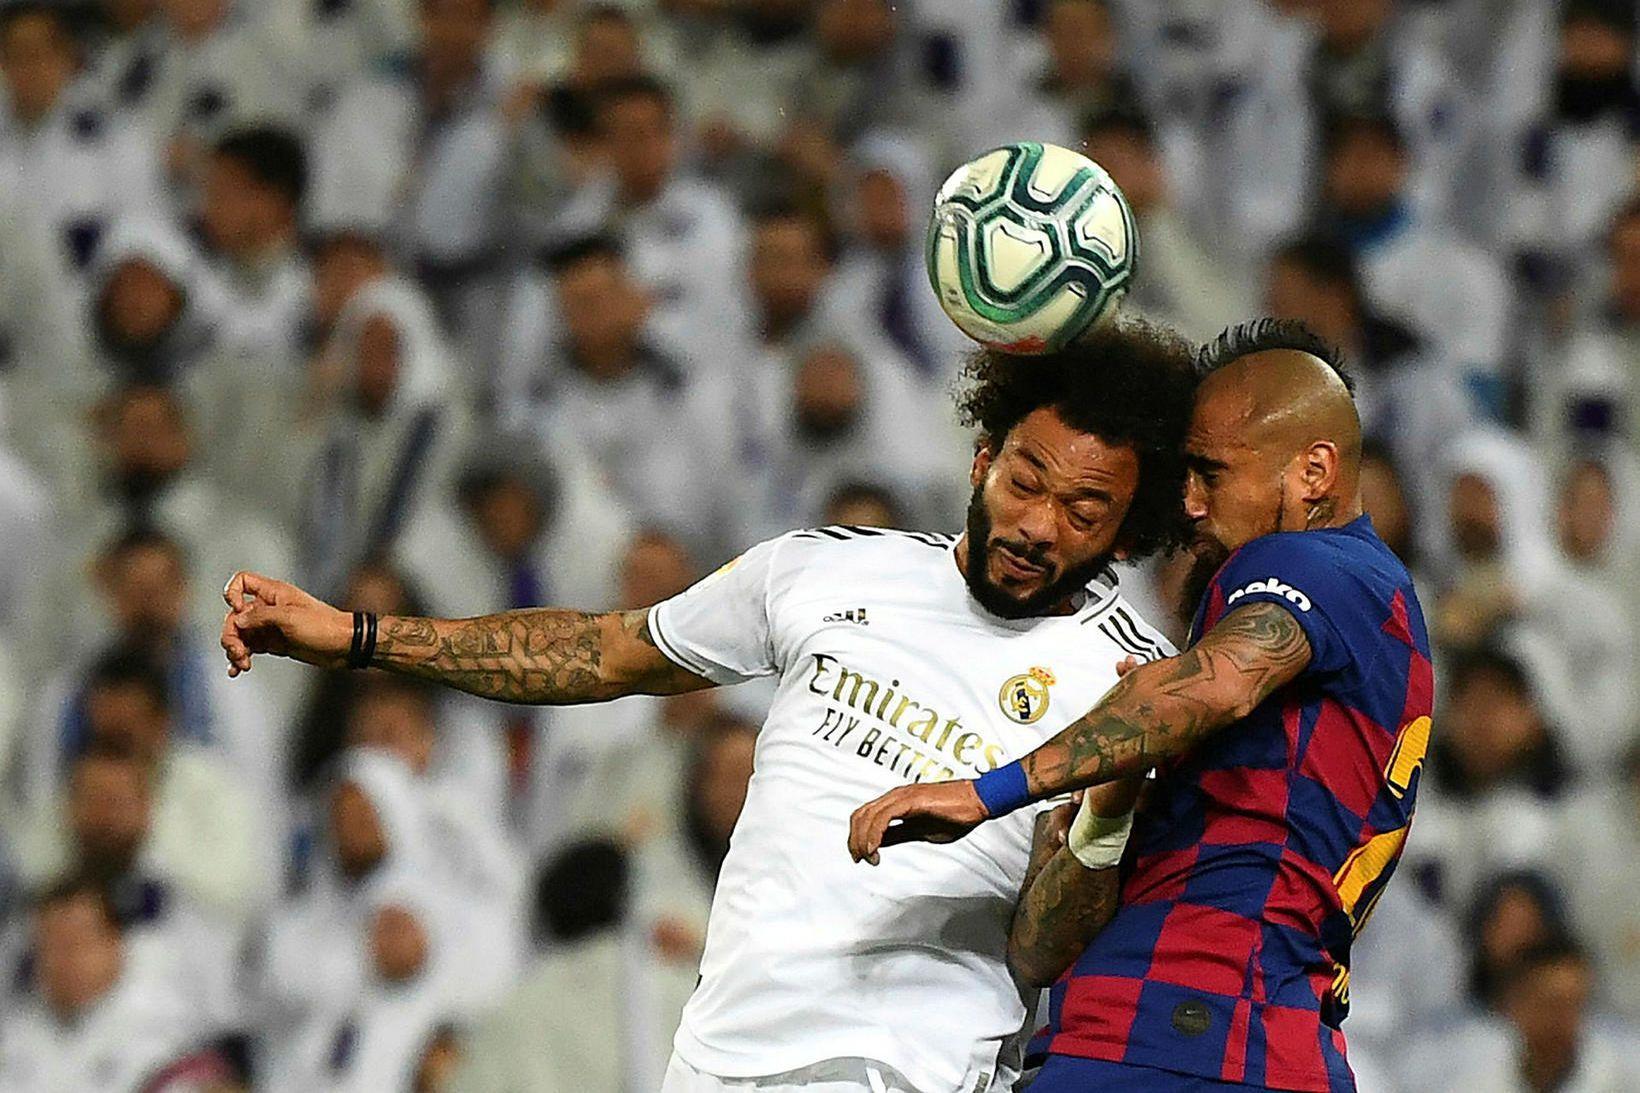 Barcelona og Real Madrid fá mestar tekjur allra knattspyrnufélaga.